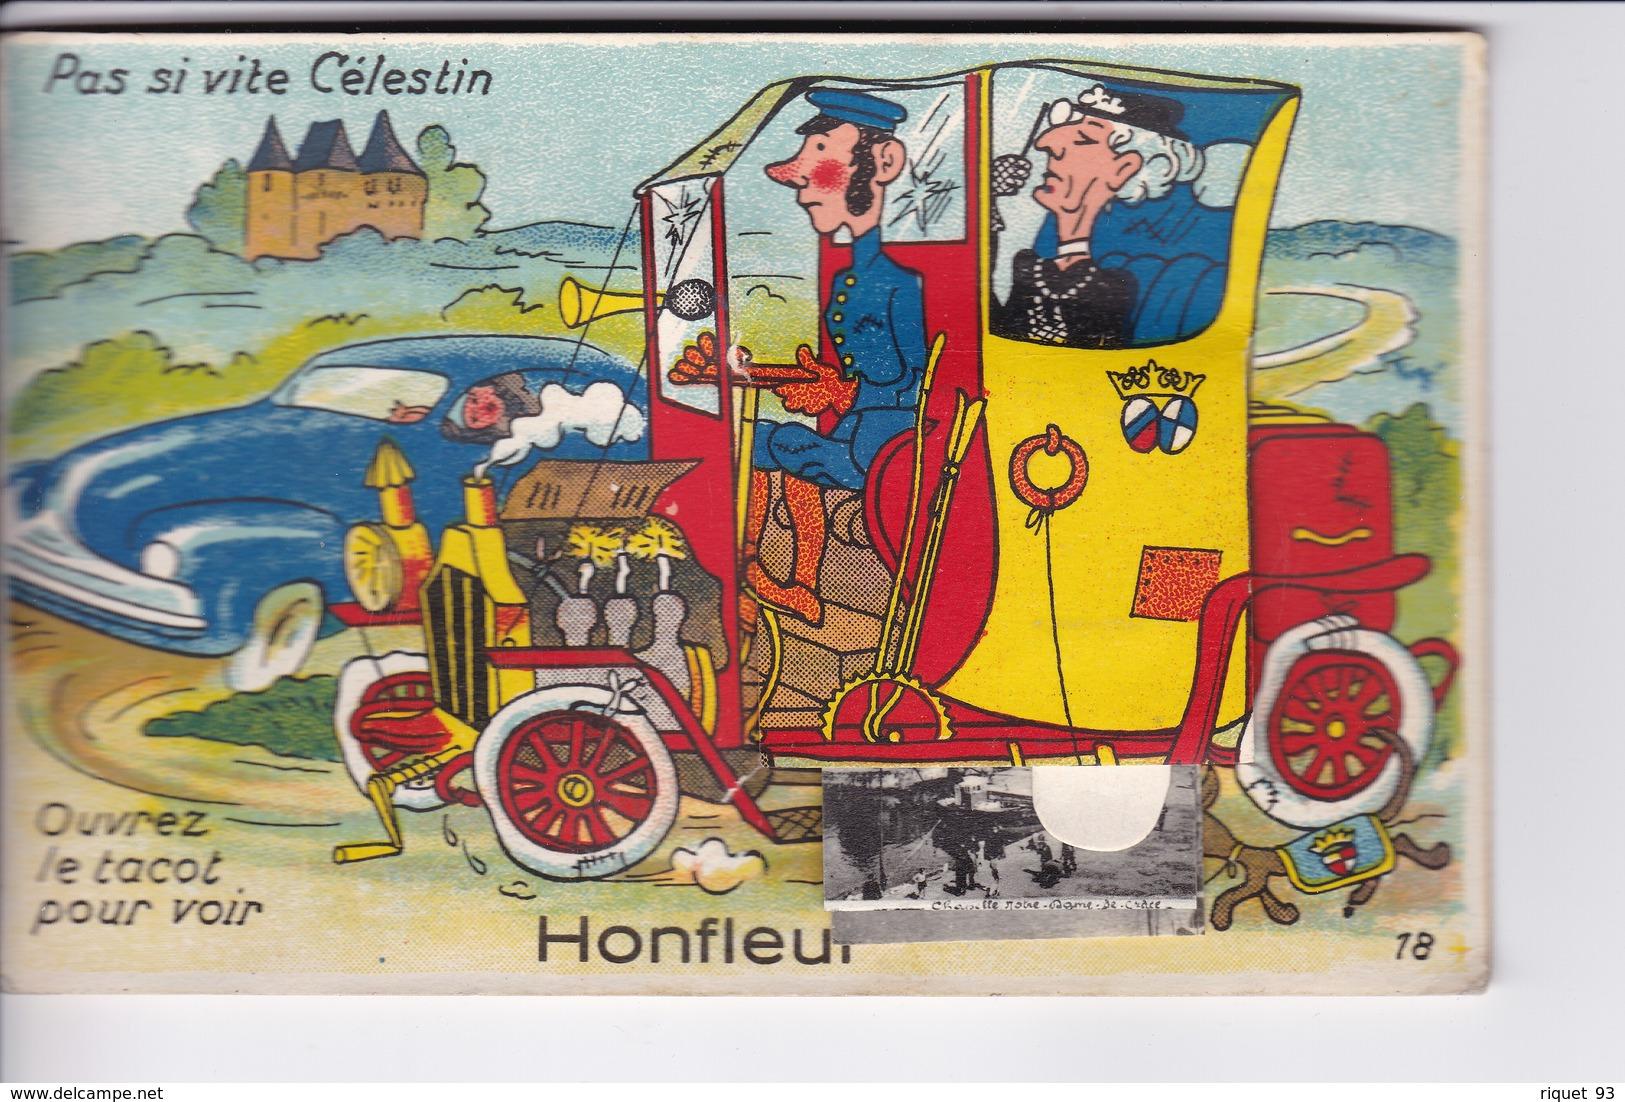 """Carte à Système(dépliant Sous Languette) - N° 18 . """"Pas Si Vite Célestin"""" Ouvrez Le Tacot Pour Voir HONFLEUR - Honfleur"""